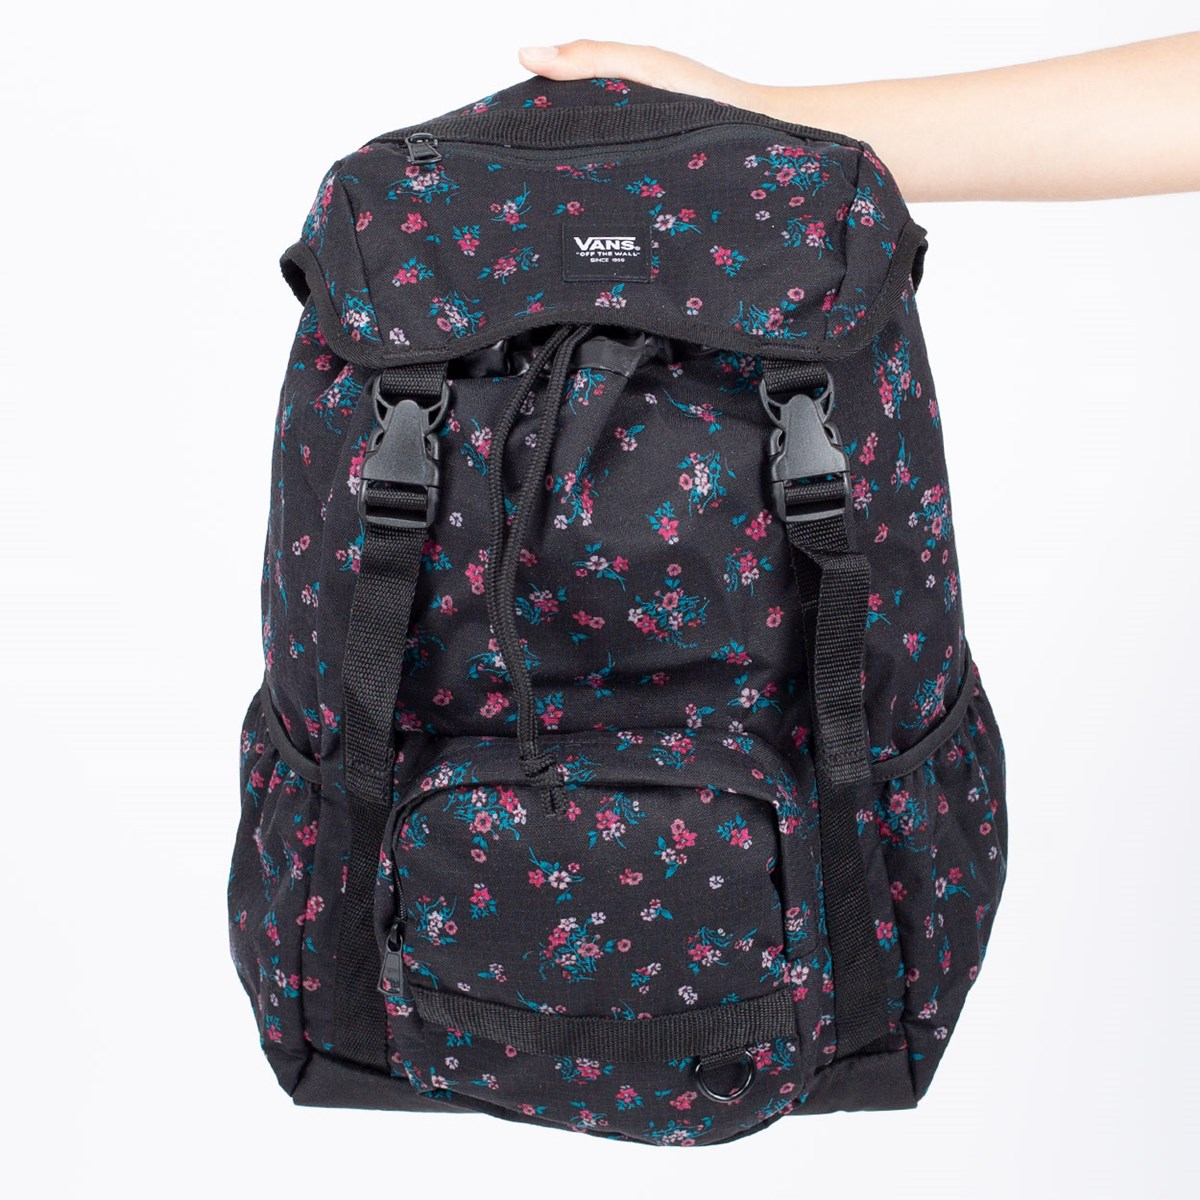 Mochila Vans Ranger Backpack Beauty Floral Black VN0A3NG2ZX3